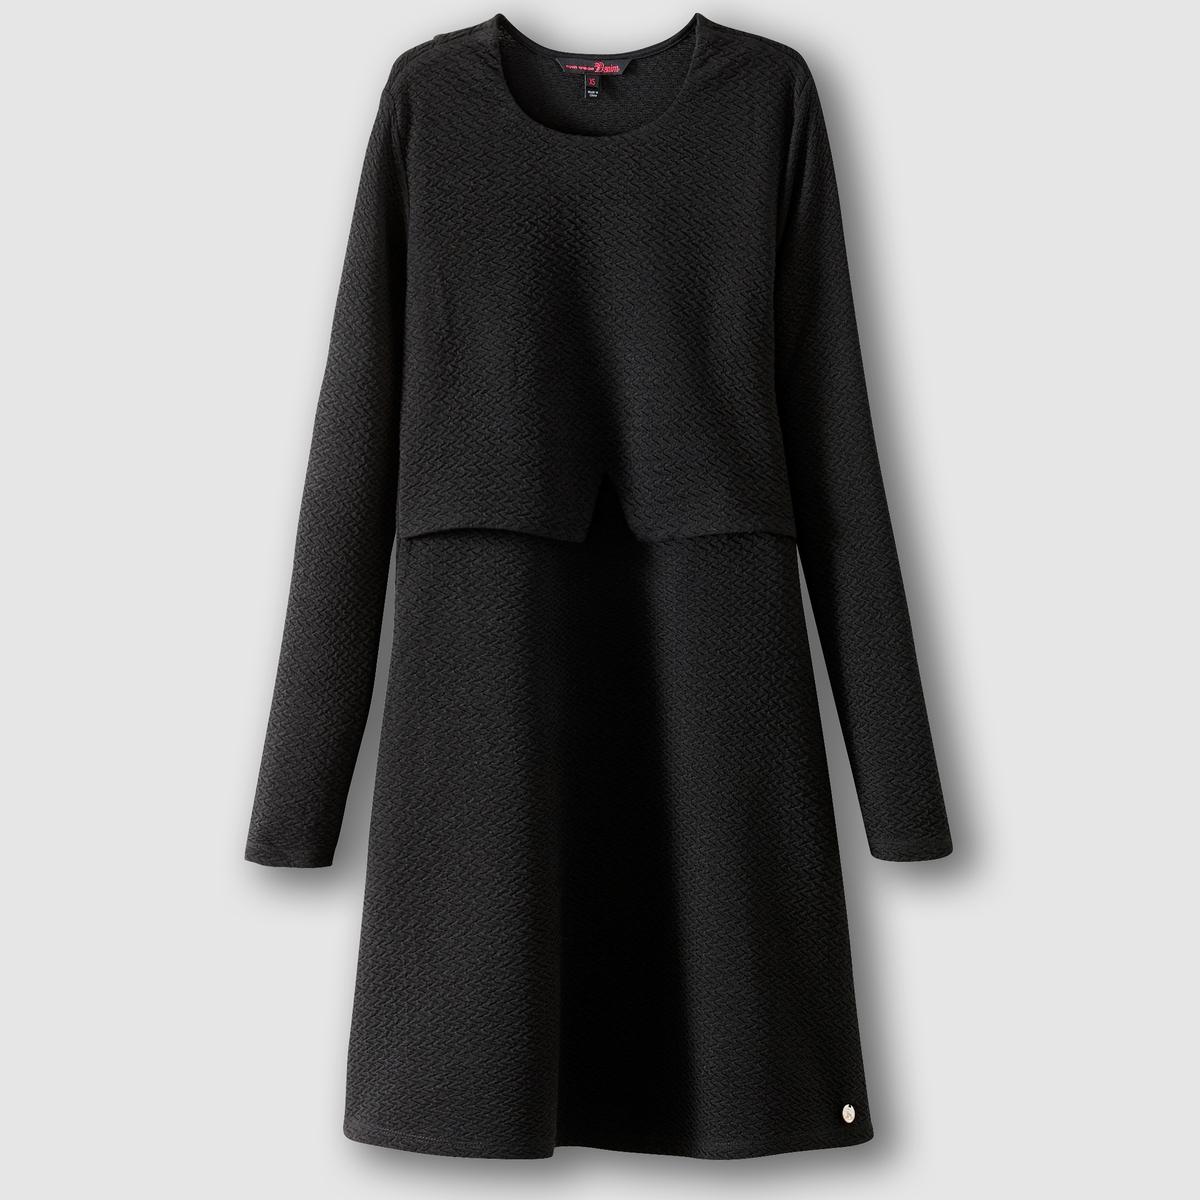 Платье с длинными рукавамиПлатье с длинными рукавами TOM TAILOR. Платье слегка расширяющегося к низу покроя. Плиссированный эффект. Эффект наложения вверху спереди. Круглый вырез. Нашивка с логотипом марки внизу. Состав и описание :Материал : 100% полиэстерМарка : TOM TAILOR<br><br>Цвет: черный<br>Размер: L.M